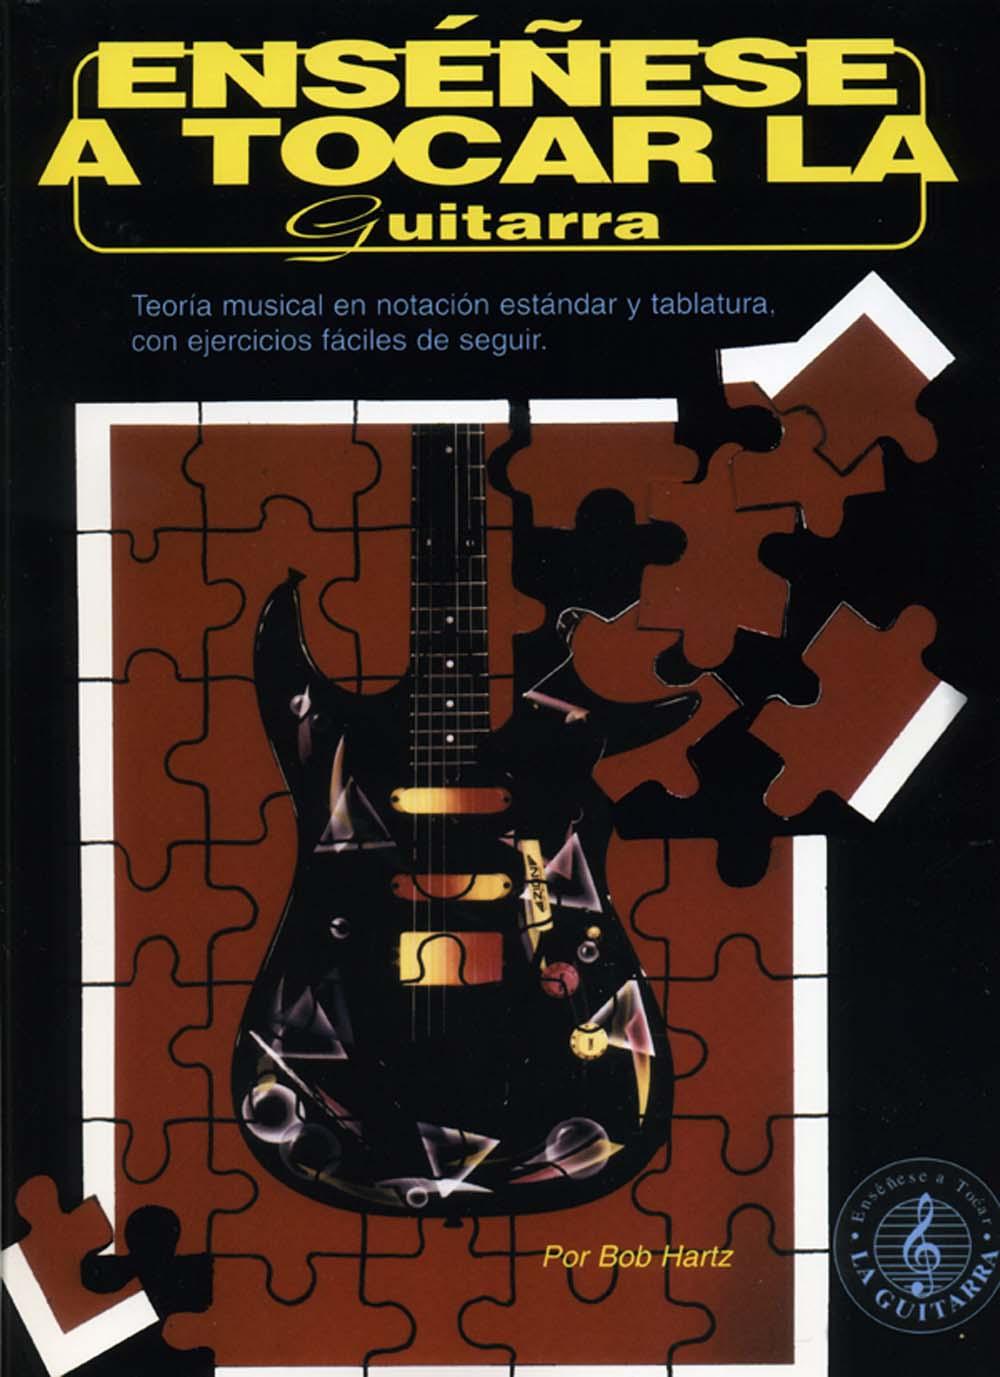 Bob Hartz: Ensenese A Tocar La Guitarra: Guitar: Instrumental Tutor